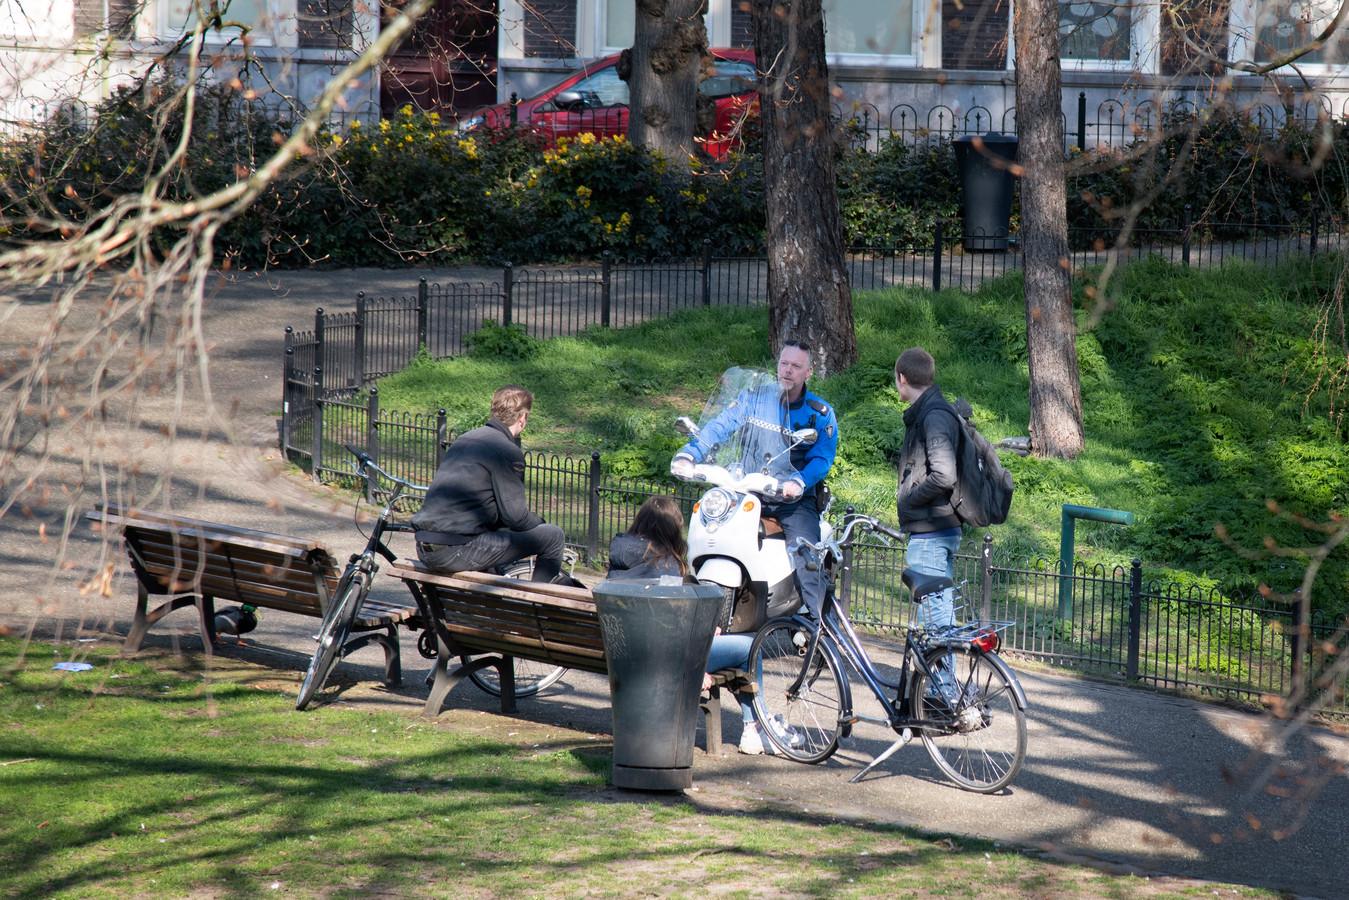 Een gemeentelijke handhaver spreekt donderdagmiddag jongeren aan in het Kronenburgerpark. Zij overtreden de coronamaatregel om 1,5 meter afstand te houden.